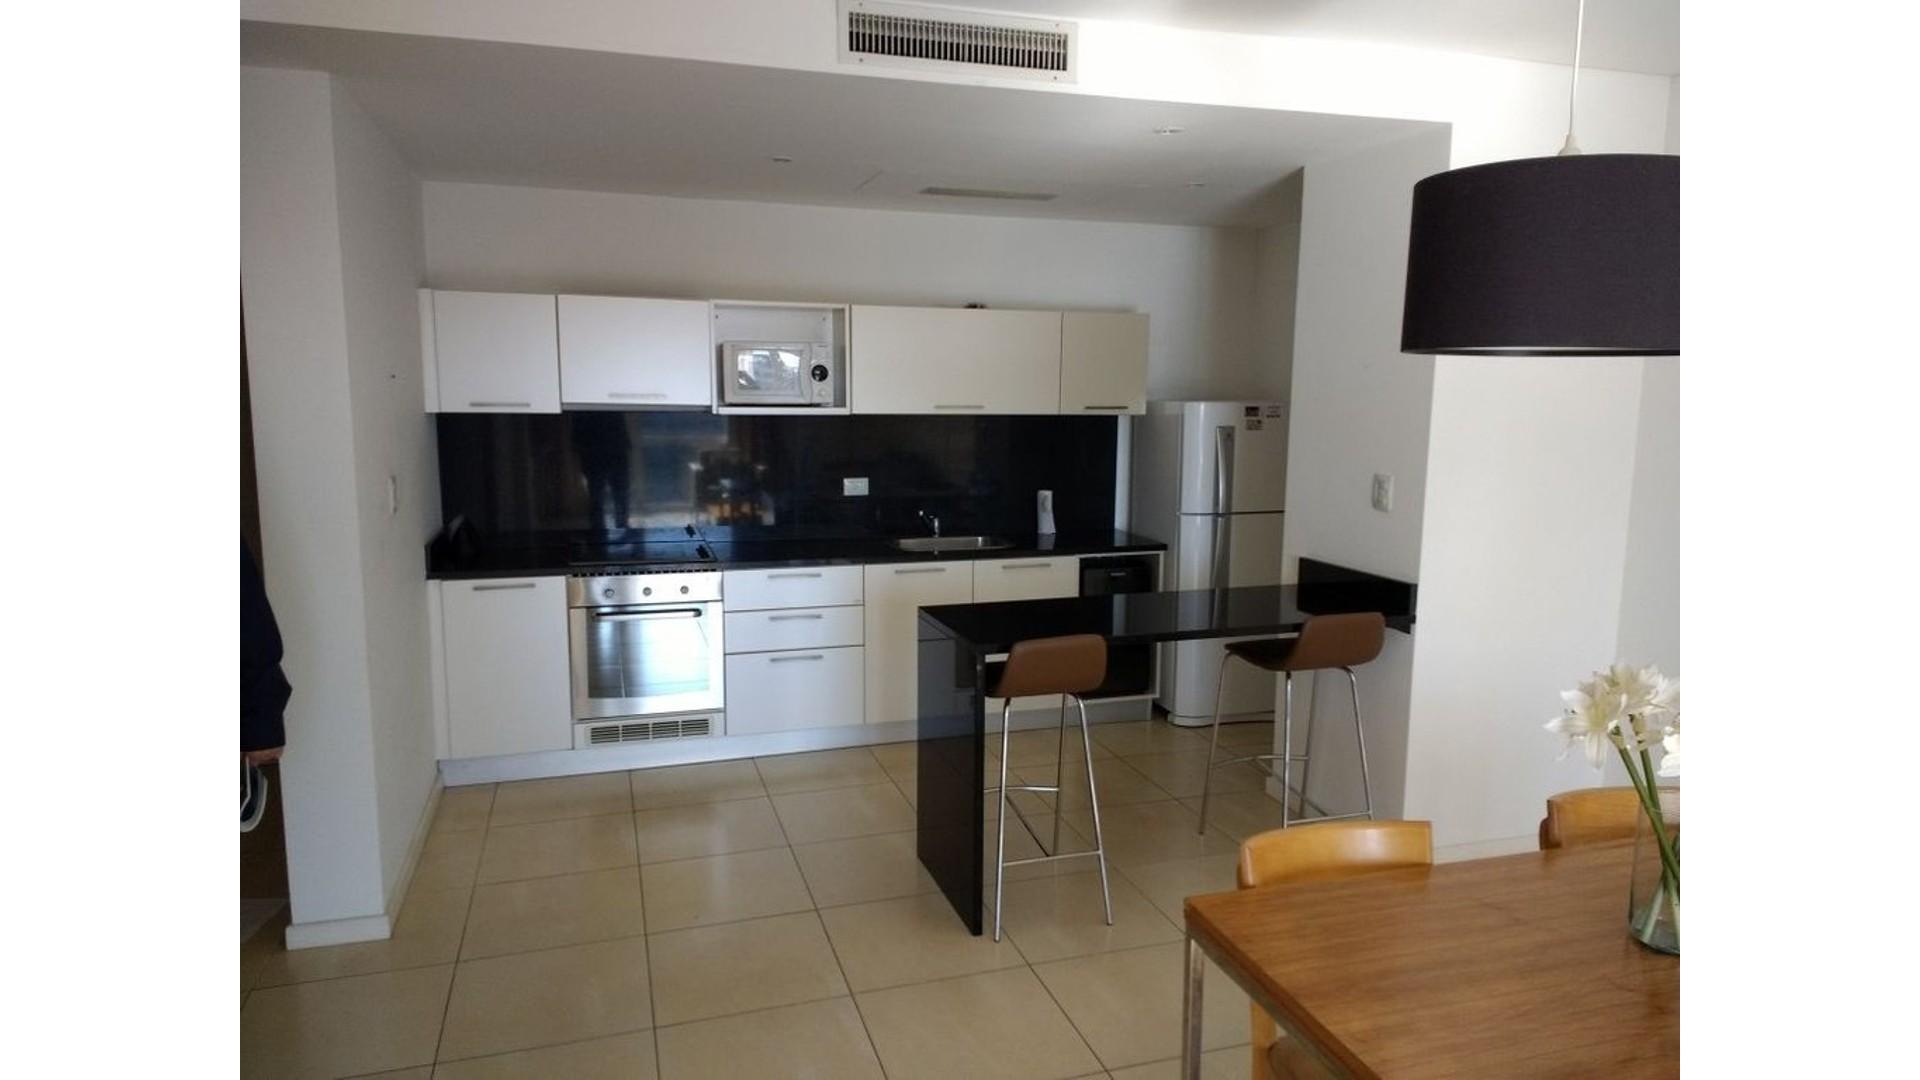 Alquiler, departamento tres ambientes, dos dormitorios, cochera y amarra, Nordelta Bahia Grande